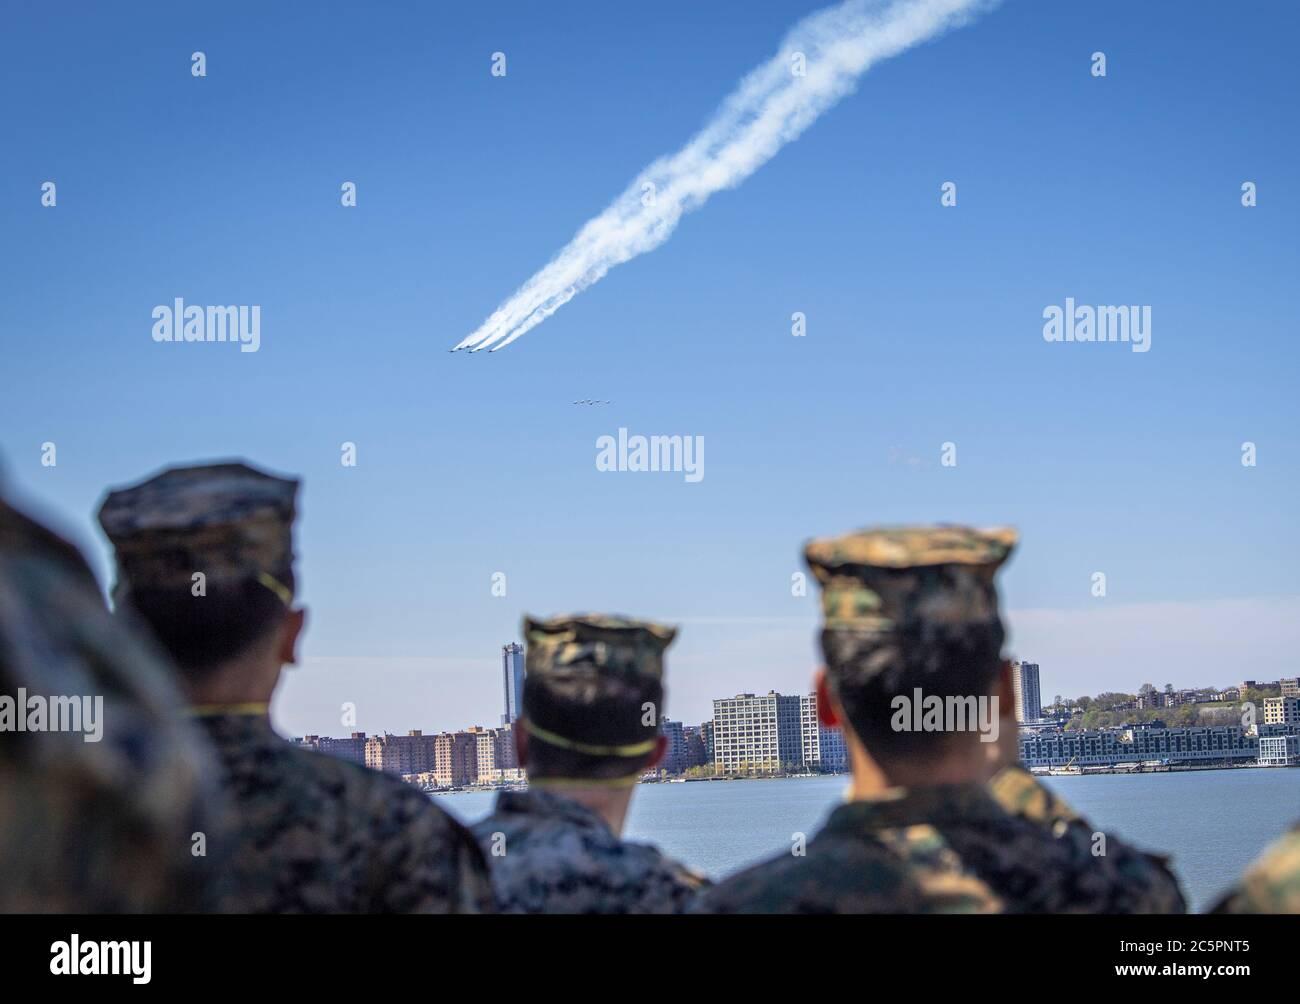 Manhattan, Vereinigte Staaten Von Amerika. April 2020. NEW YORK (28. April 2020) die U.S. Navy Flight Demonstration Squadron, die Blue Angels und die U.S. Air Force Air Demonstration Squadron, die Thunderbirds, ehren Frontline COVID-19-Helfer und wichtige Arbeiter mit einem Formationsflug über New York City. Eine Formation von sechs F/A-18C/D Hornet Flugzeugen und sechs F-16C/D Fighting Falcon, führt die Überflüge als kollaborativen Gruß an die Mitarbeiter im Gesundheitswesen, Ersthelfer, Militär und andere wichtige Mitarbeiter. Quelle: Storms Media Group/Alamy Live News Stockfoto